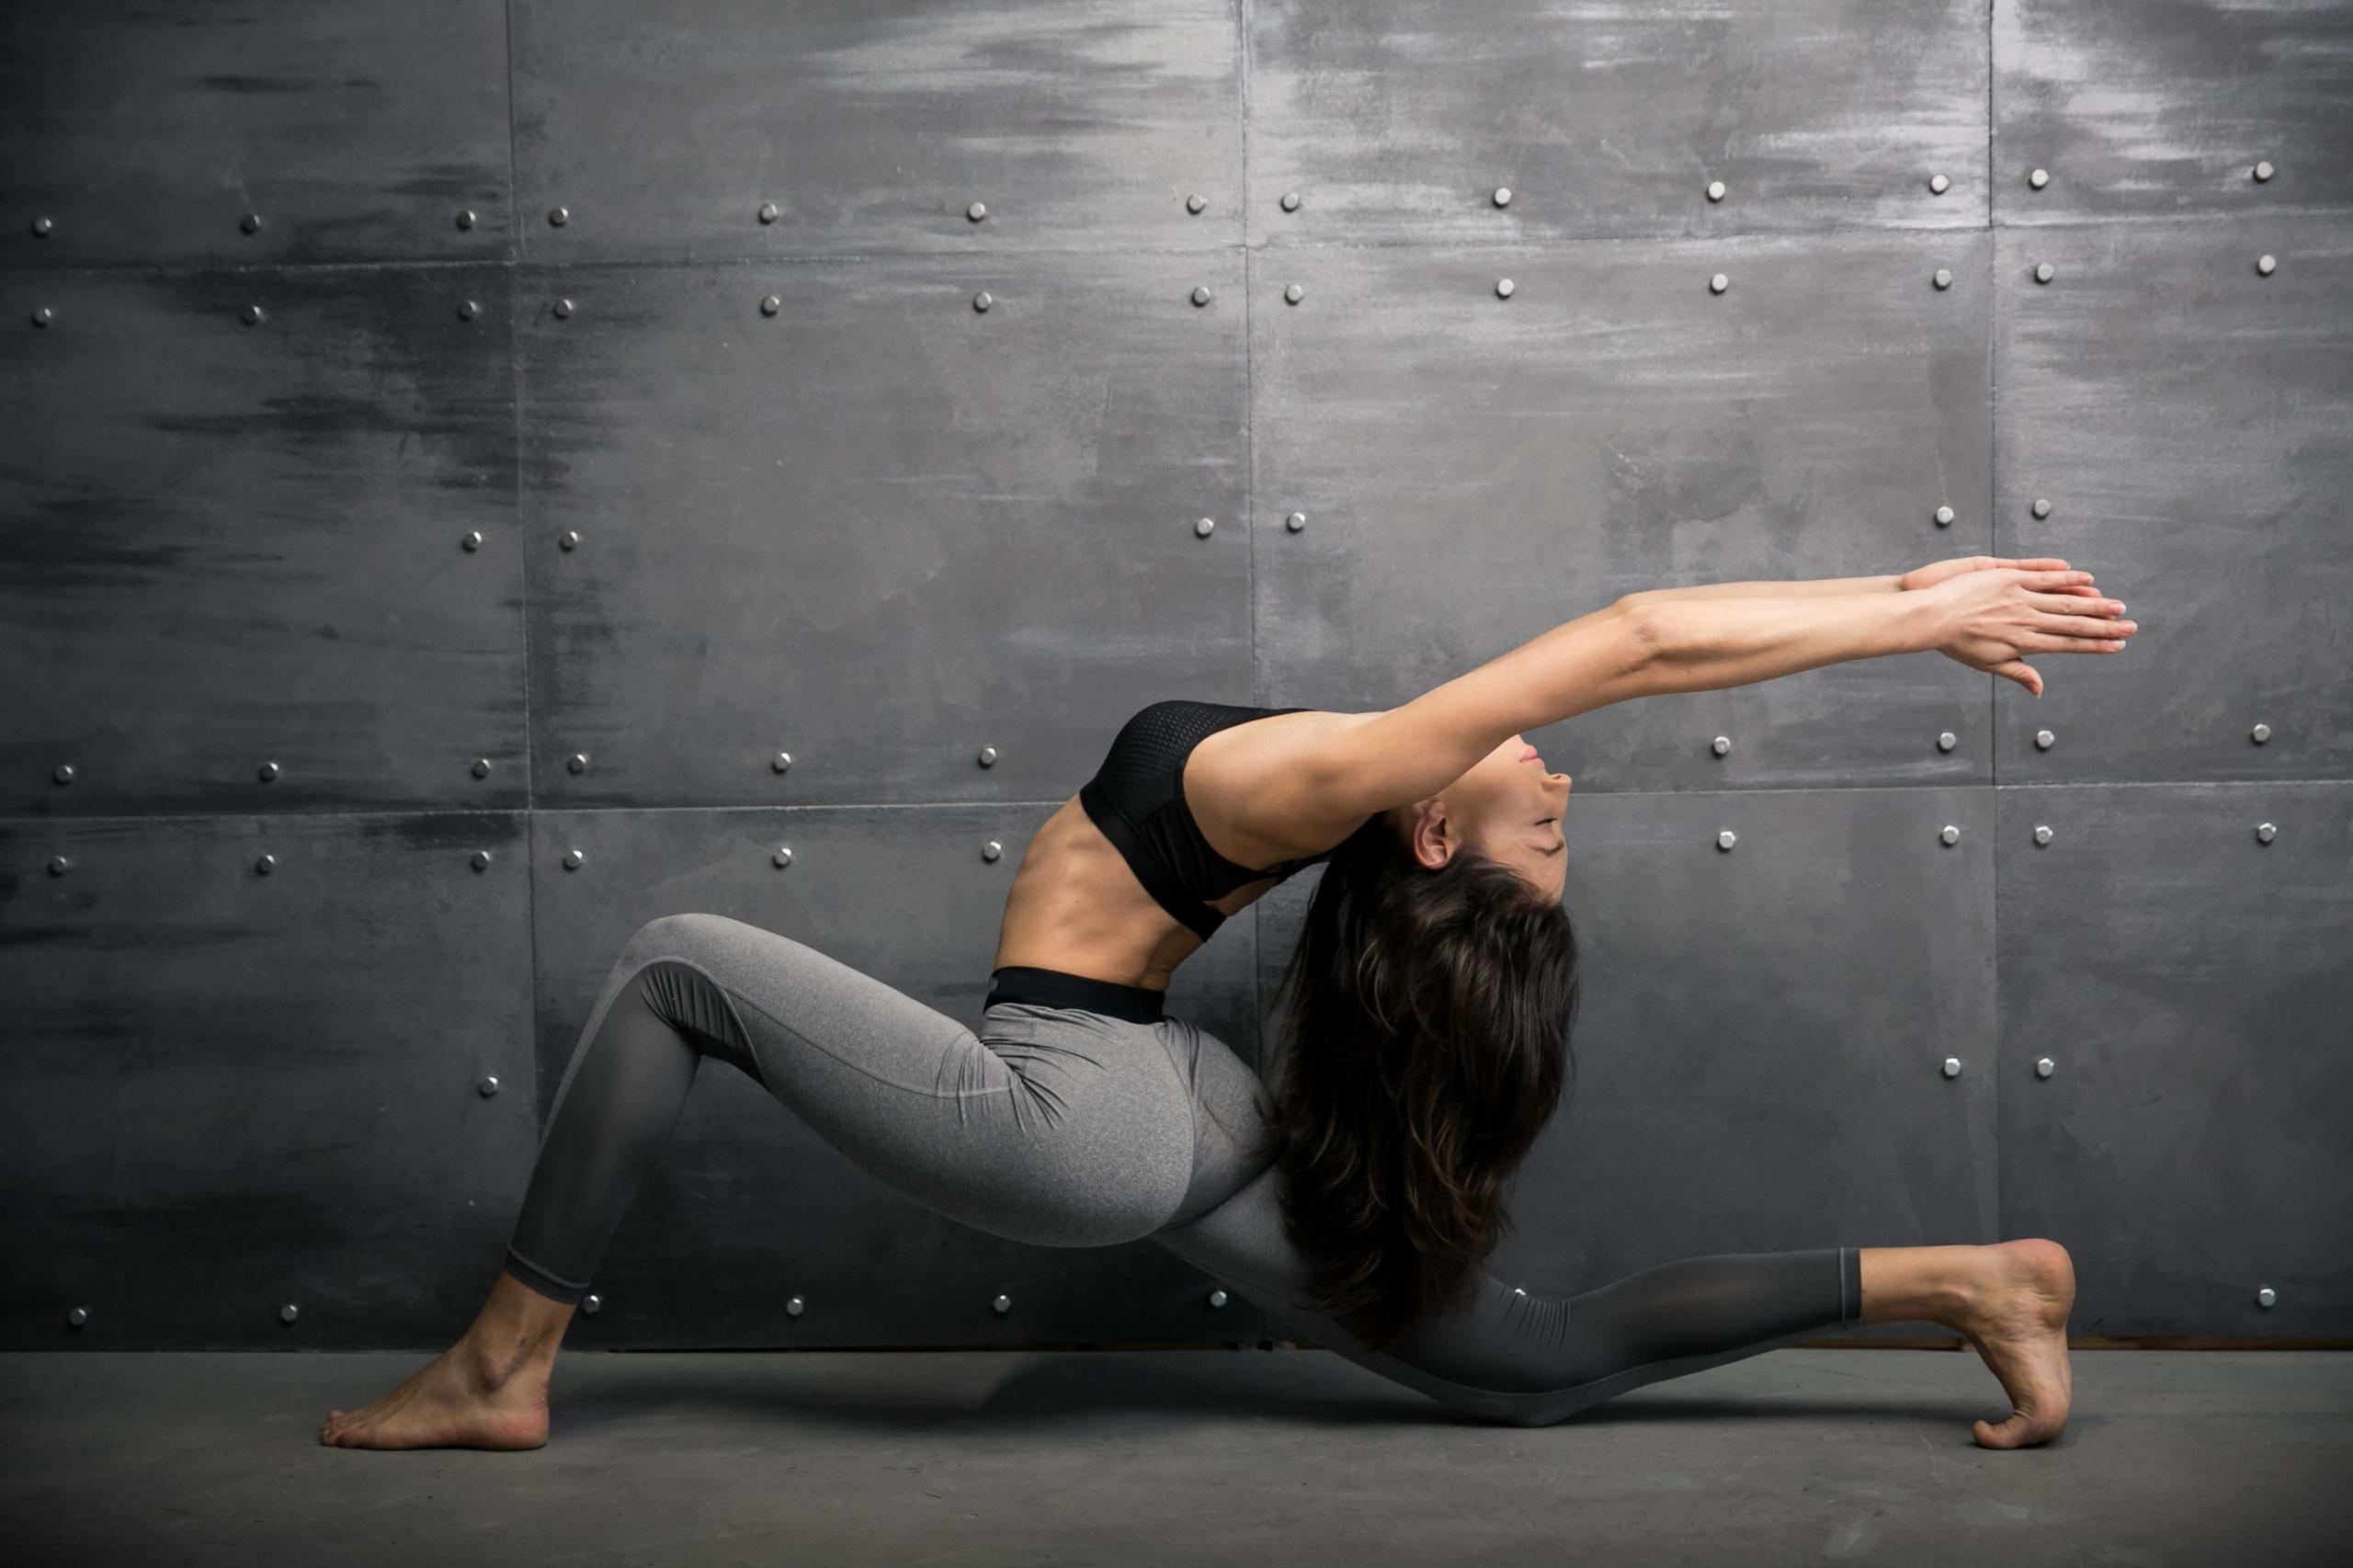 Картинки шатенки Тренировка Фитнес Спорт Гимнастика молодая женщина рука 2560x1706 Шатенка тренируется физическое упражнение Девушки девушка спортивная спортивные спортивный молодые женщины Руки